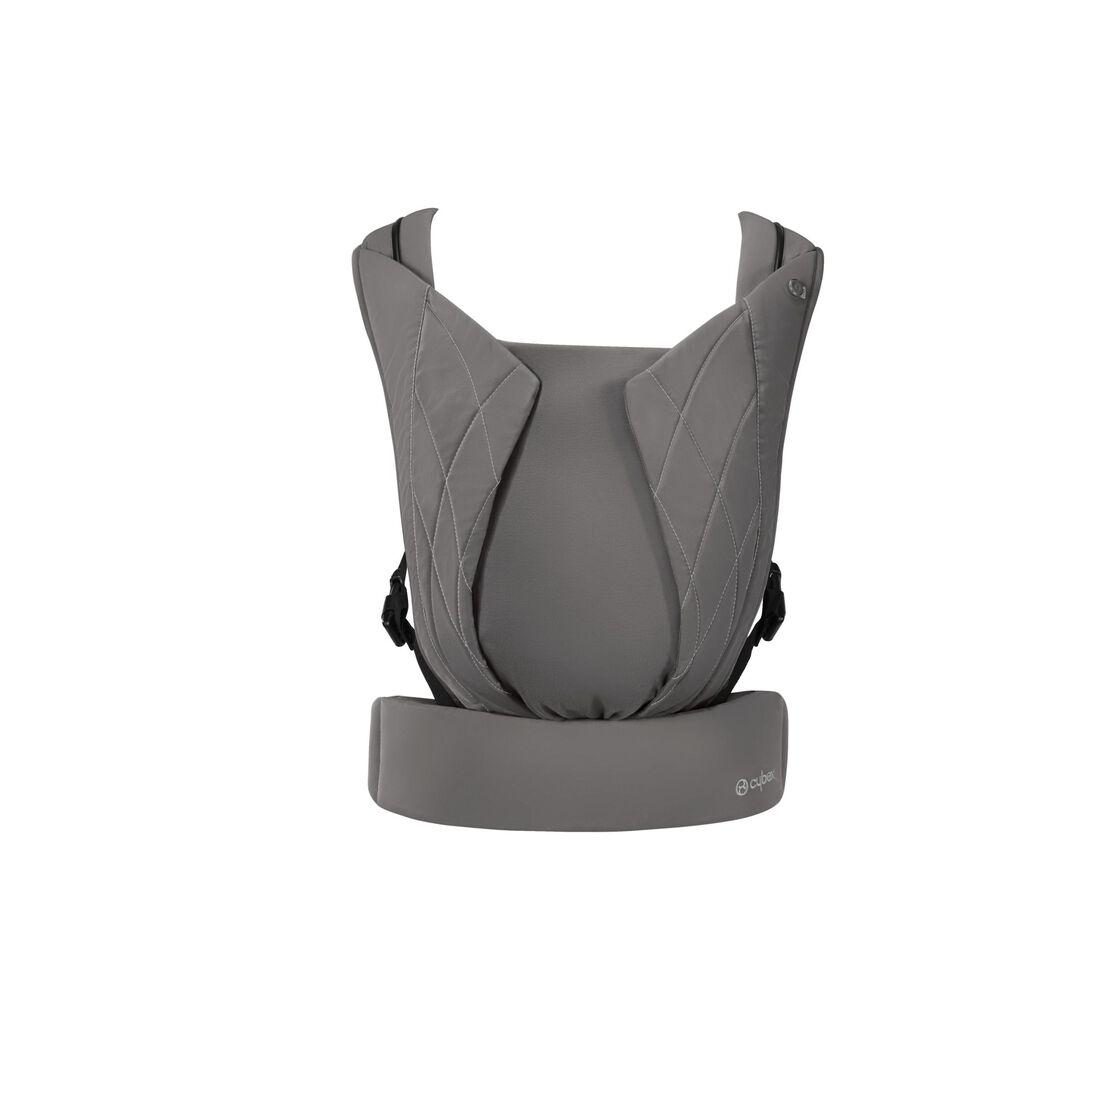 CYBEX Yema Click - Soho Grey in Soho Grey large Bild 1